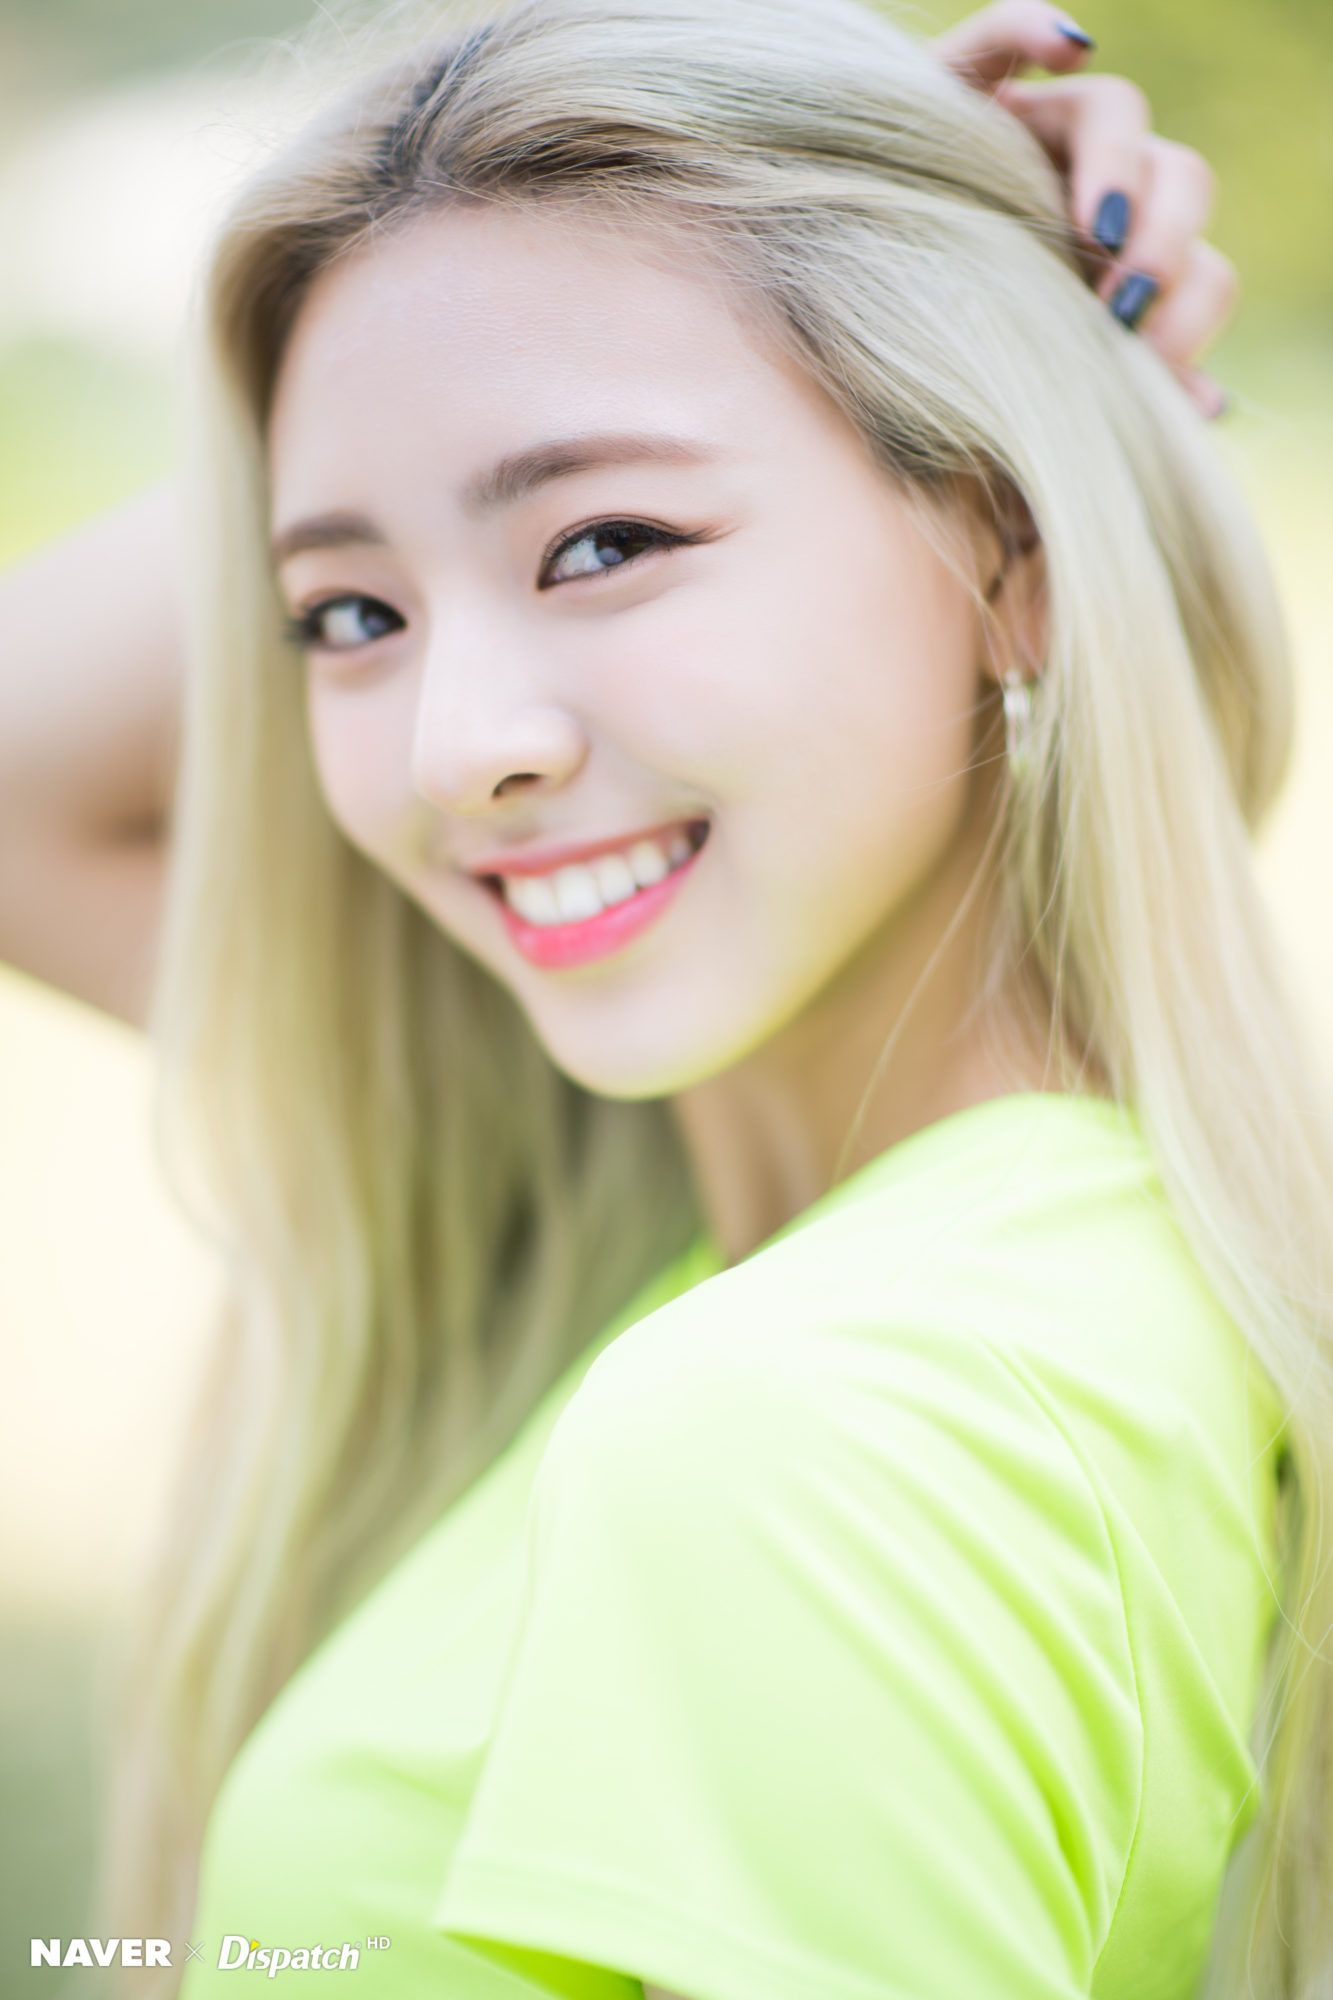 Itzy It Z Icy Naver X Dispatch Photos Hd Hr Itzy Kpop Girls Girl